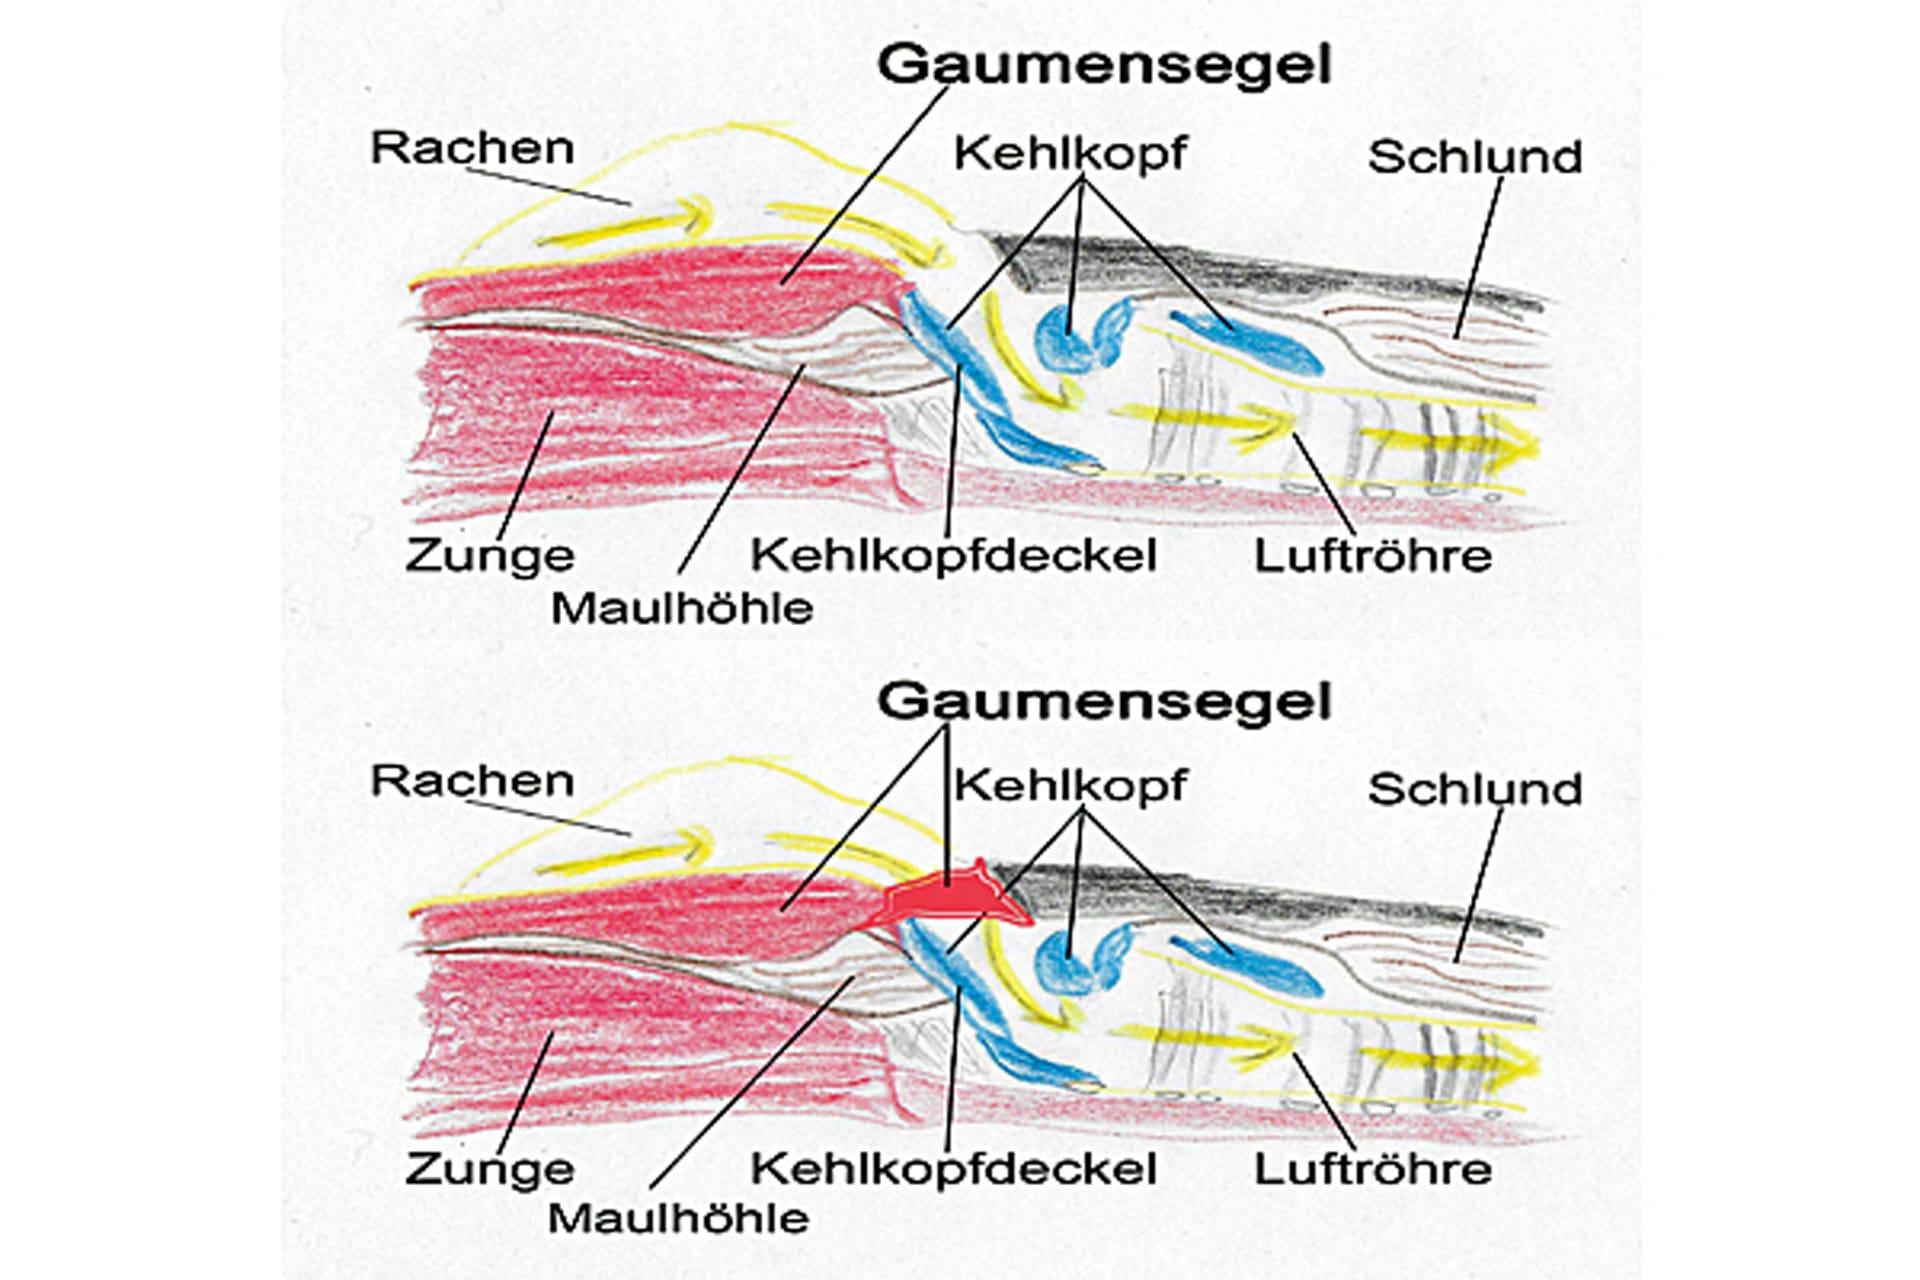 Brachycephalensyndrom Vergleich von normalen anatomischen und den pathologischen Verhältnis im Querschnitt